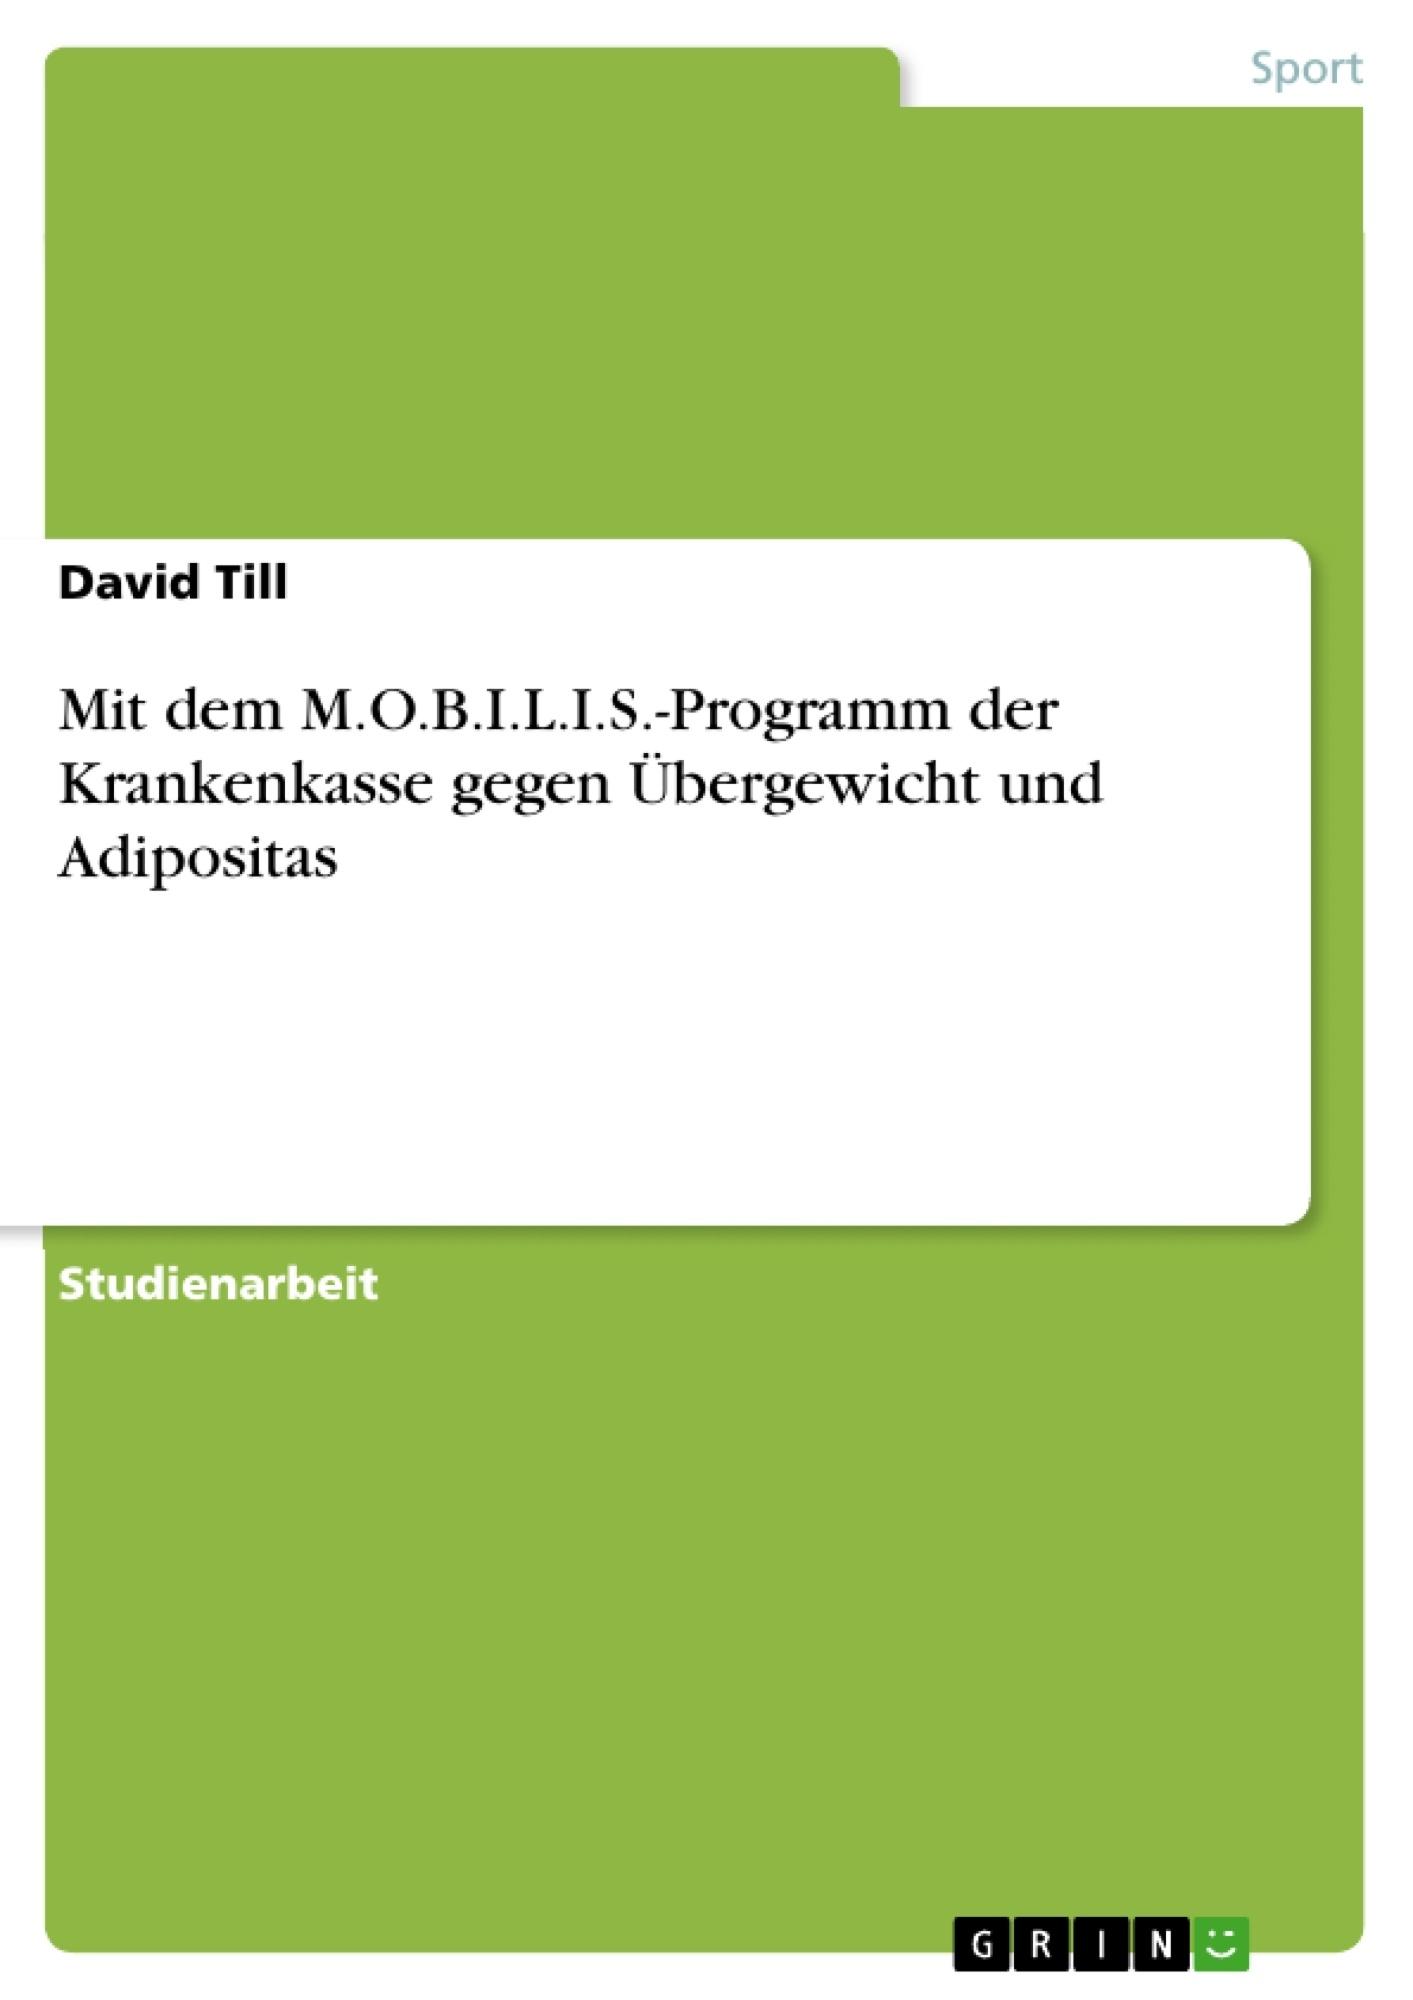 Titel: Mit dem M.O.B.I.L.I.S.-Programm der Krankenkasse gegen Übergewicht und Adipositas